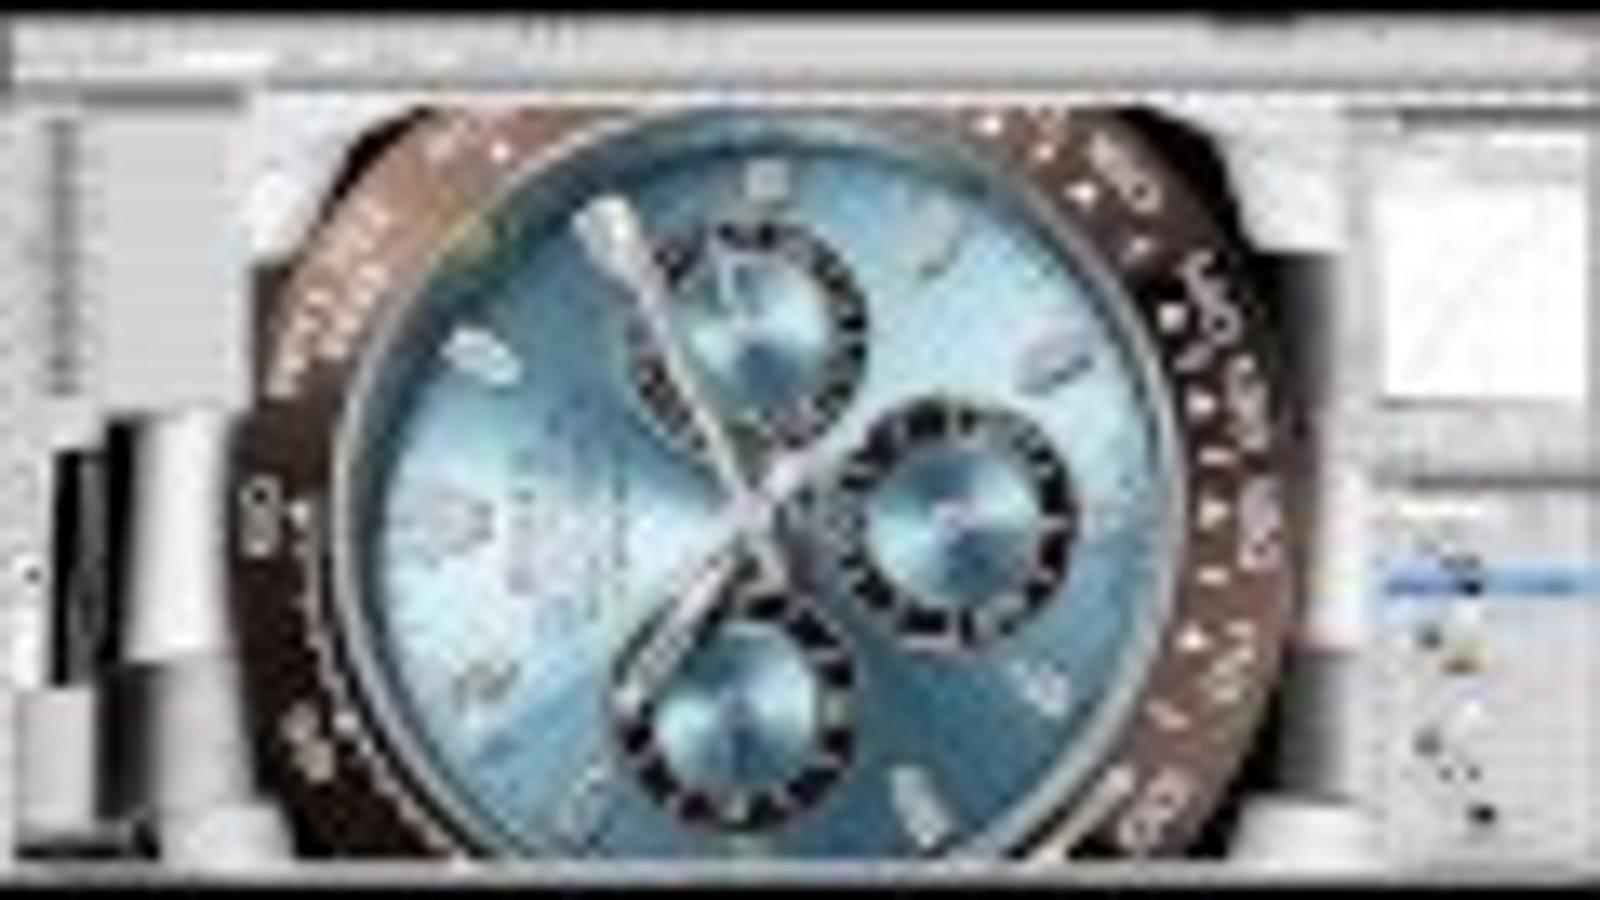 El abuso de Photoshop también llega a los anuncios de relojes